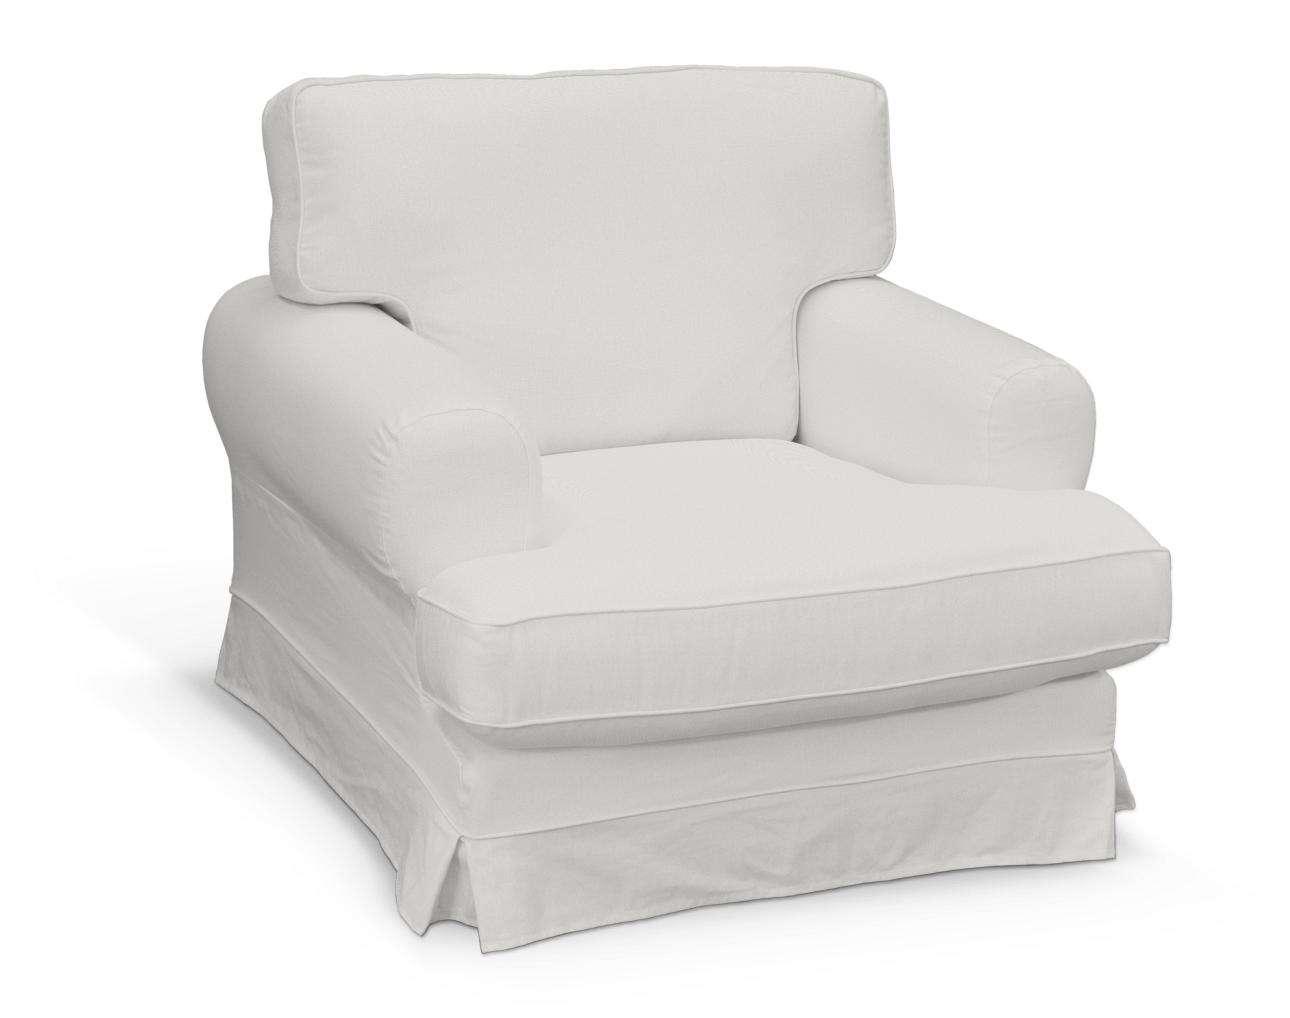 Pokrowiec na fotel Ekeskog Fotel Ekeskog w kolekcji Etna , tkanina: 705-01